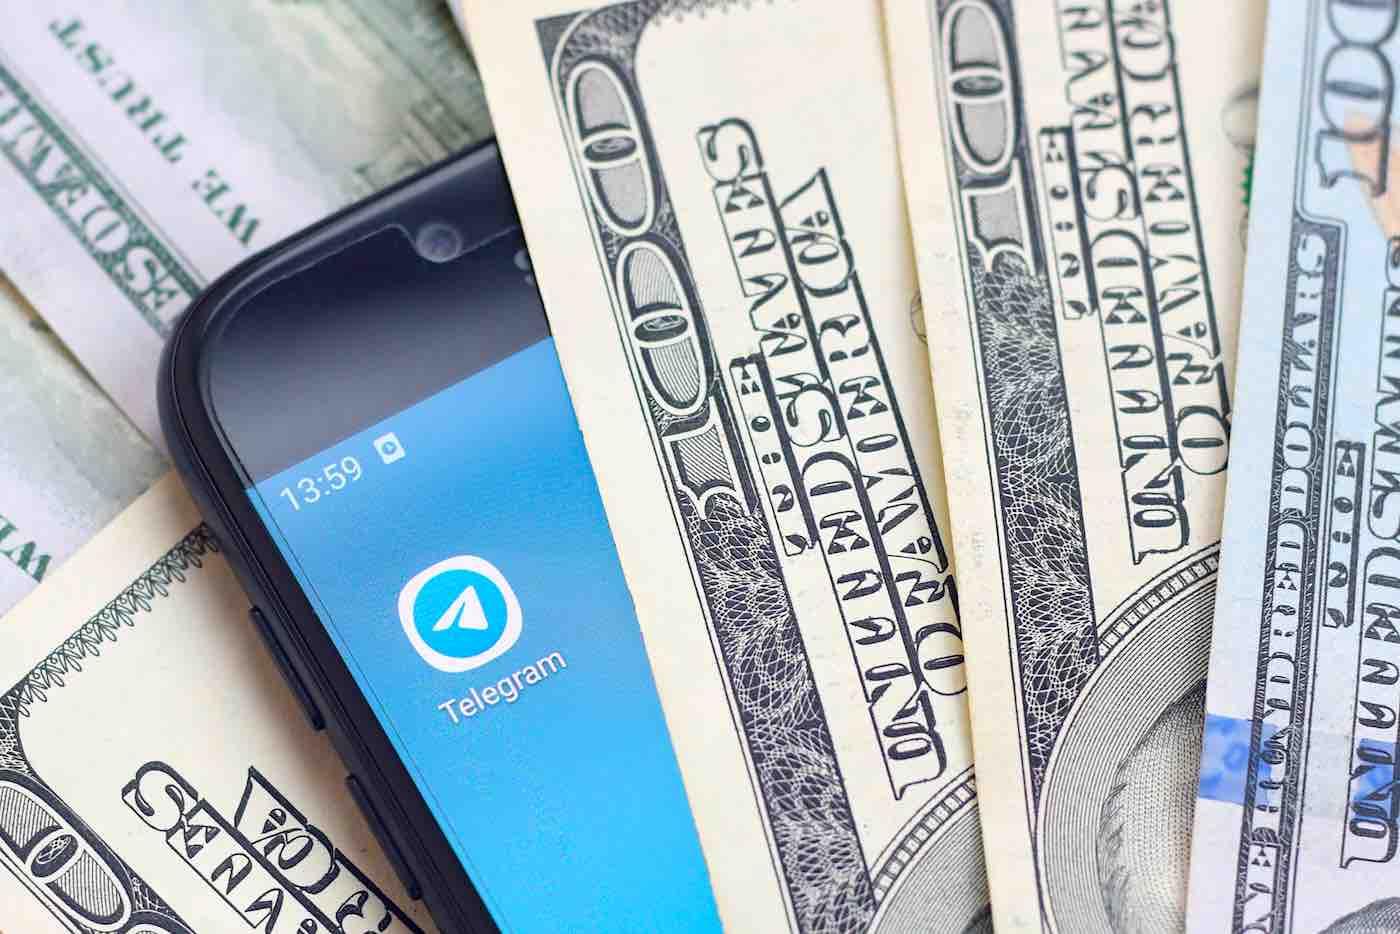 Crecimiento de Telegram: por qué es un momento ideal para crear un canal